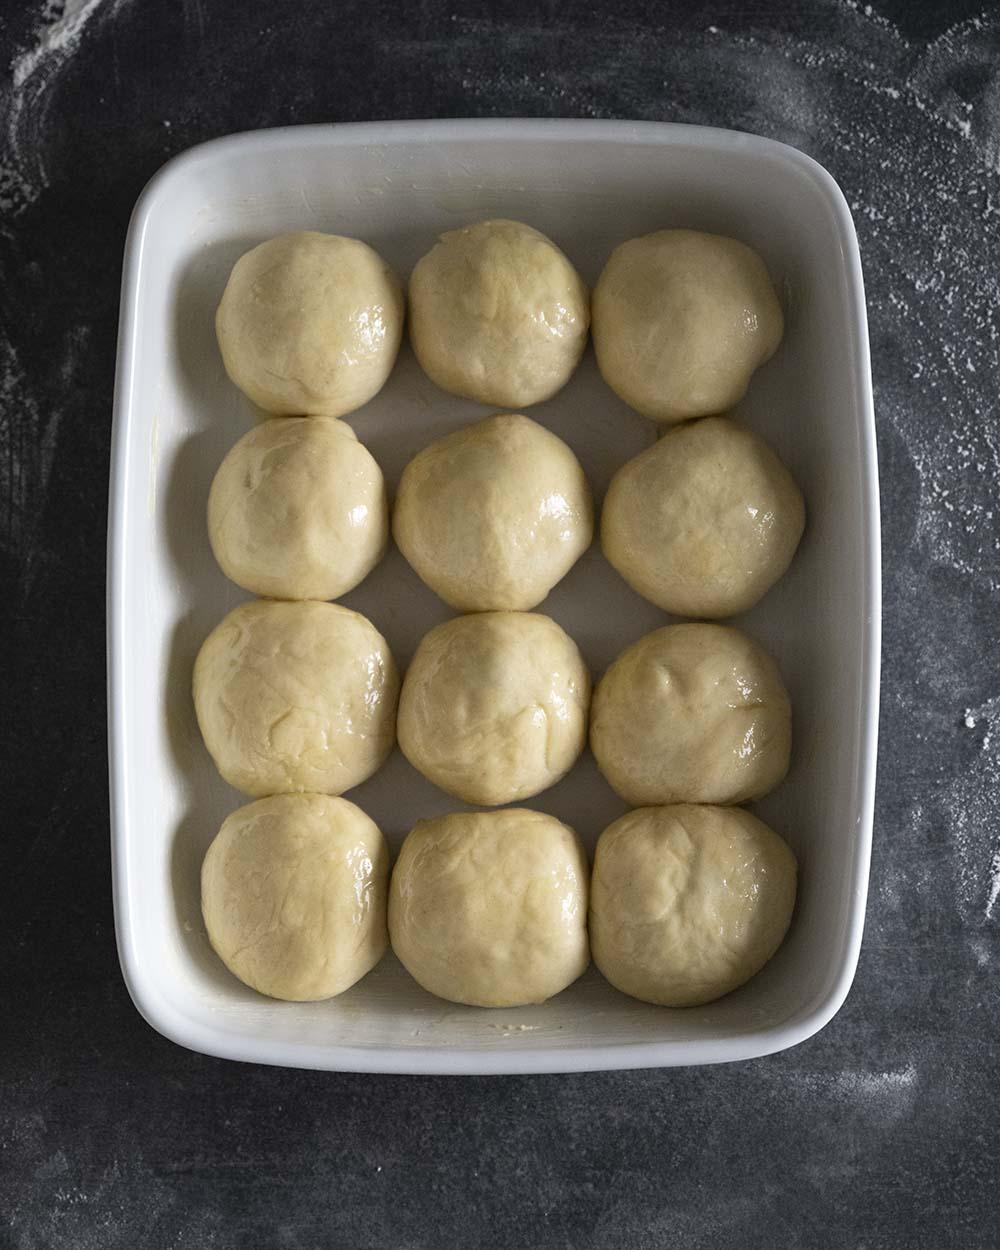 Wir haben die 12 Buchteln in eine Backform gelegt und mit Butter eingestrichen. Jetzt kommen sie in den Ofen.